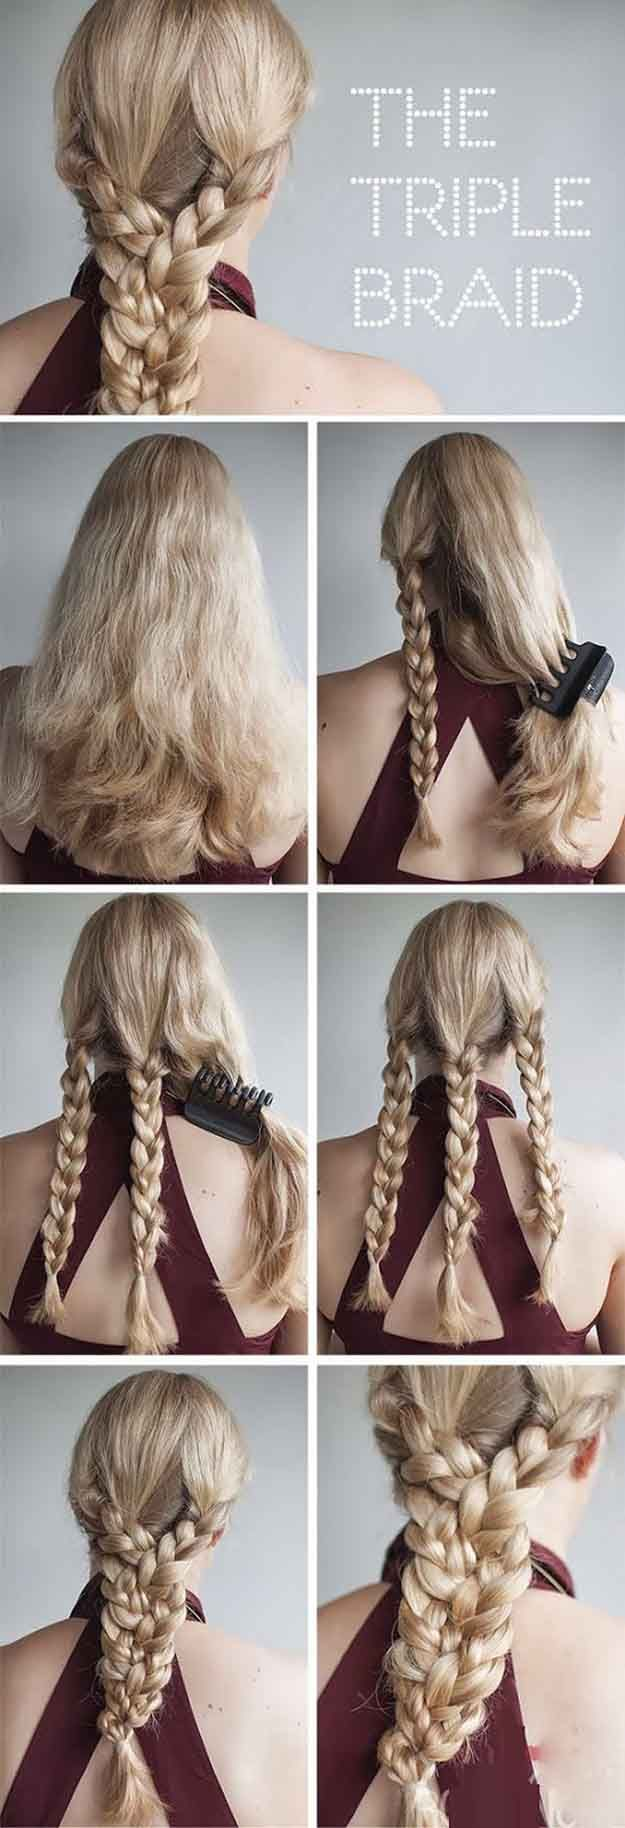 Best Hair Braiding Tutorials - The Triple Braid - Step By Step Easy Hair Braidin...